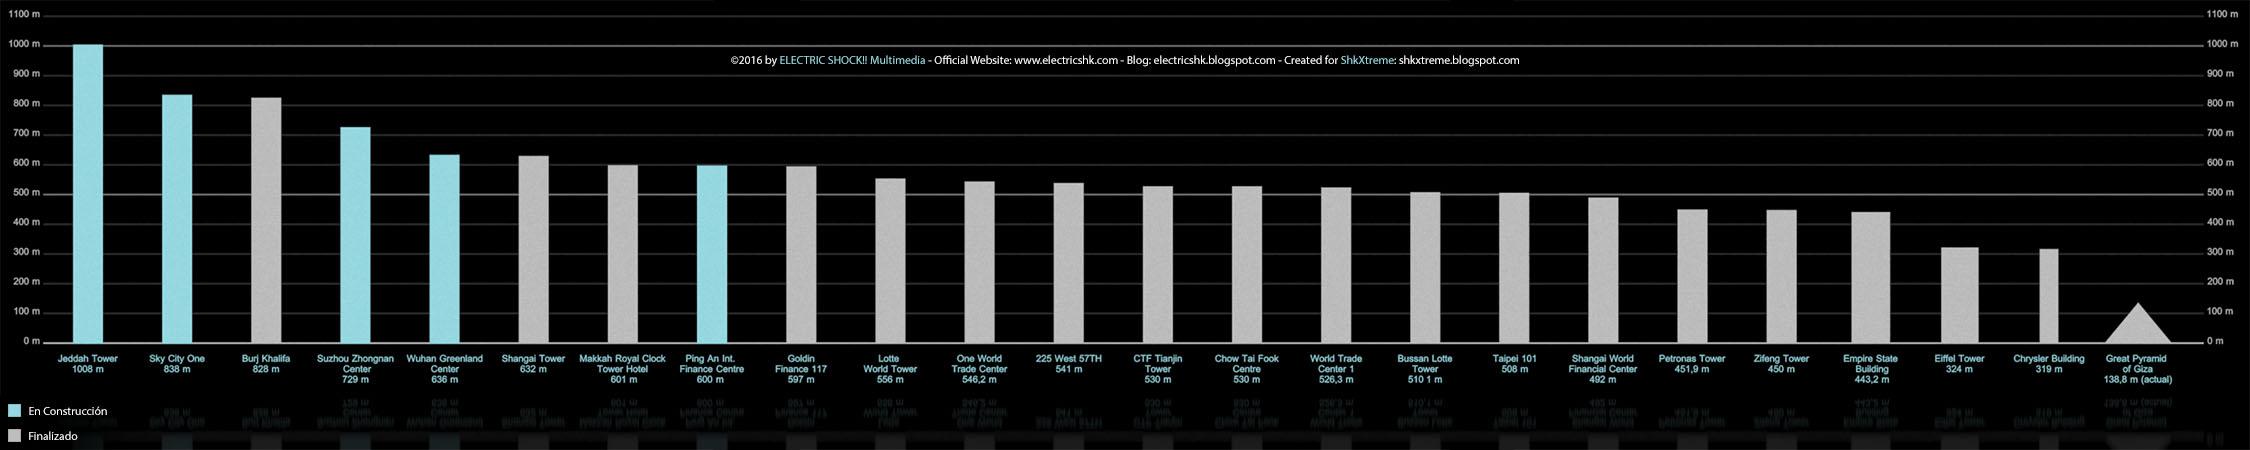 Gráfico comparativo Edificios más altos del Mundo